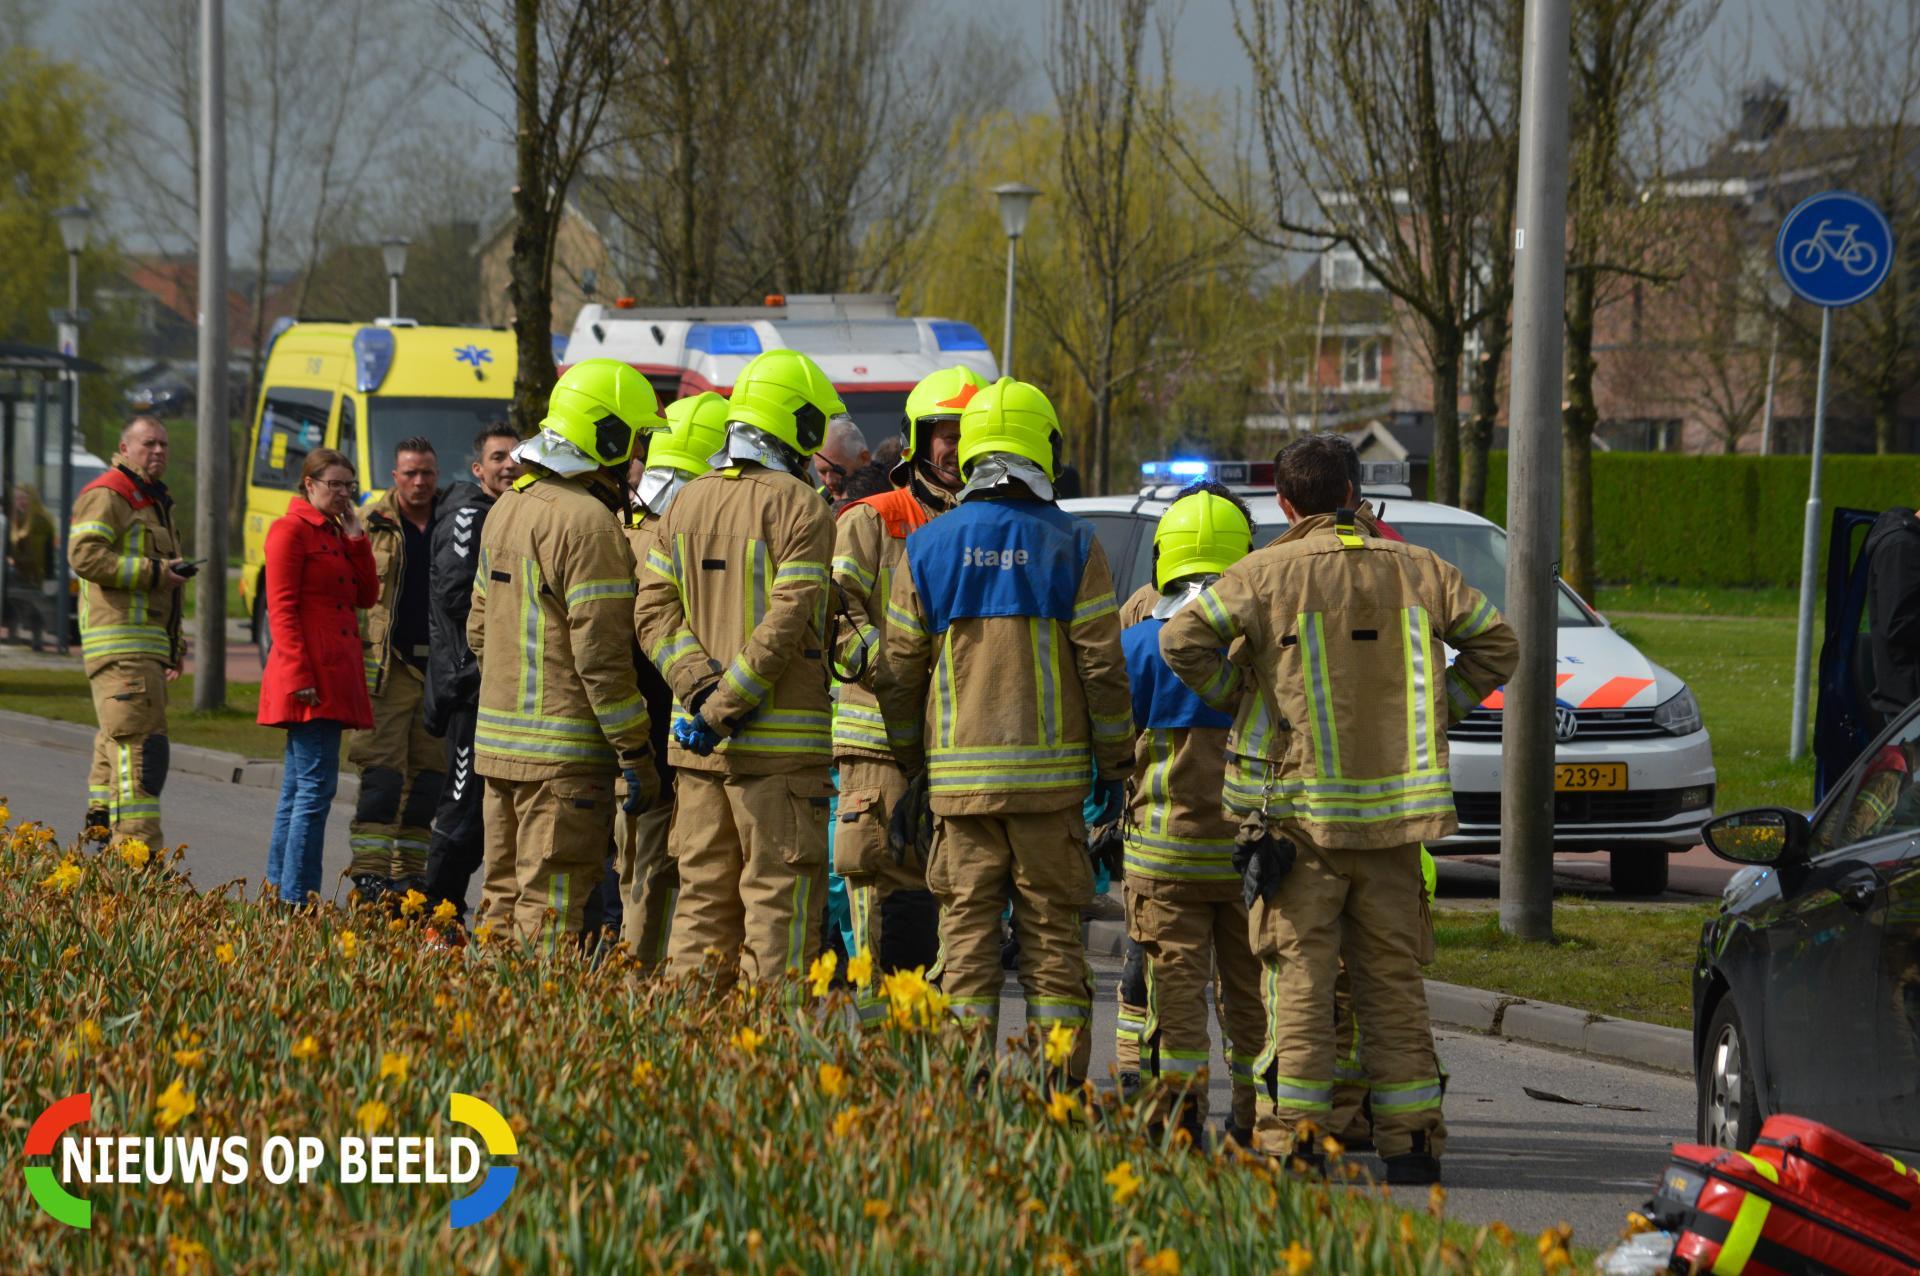 Persoon gewond bij ongeval met beknelling Klapwijkse Zoom Berkel en Rodenrijs